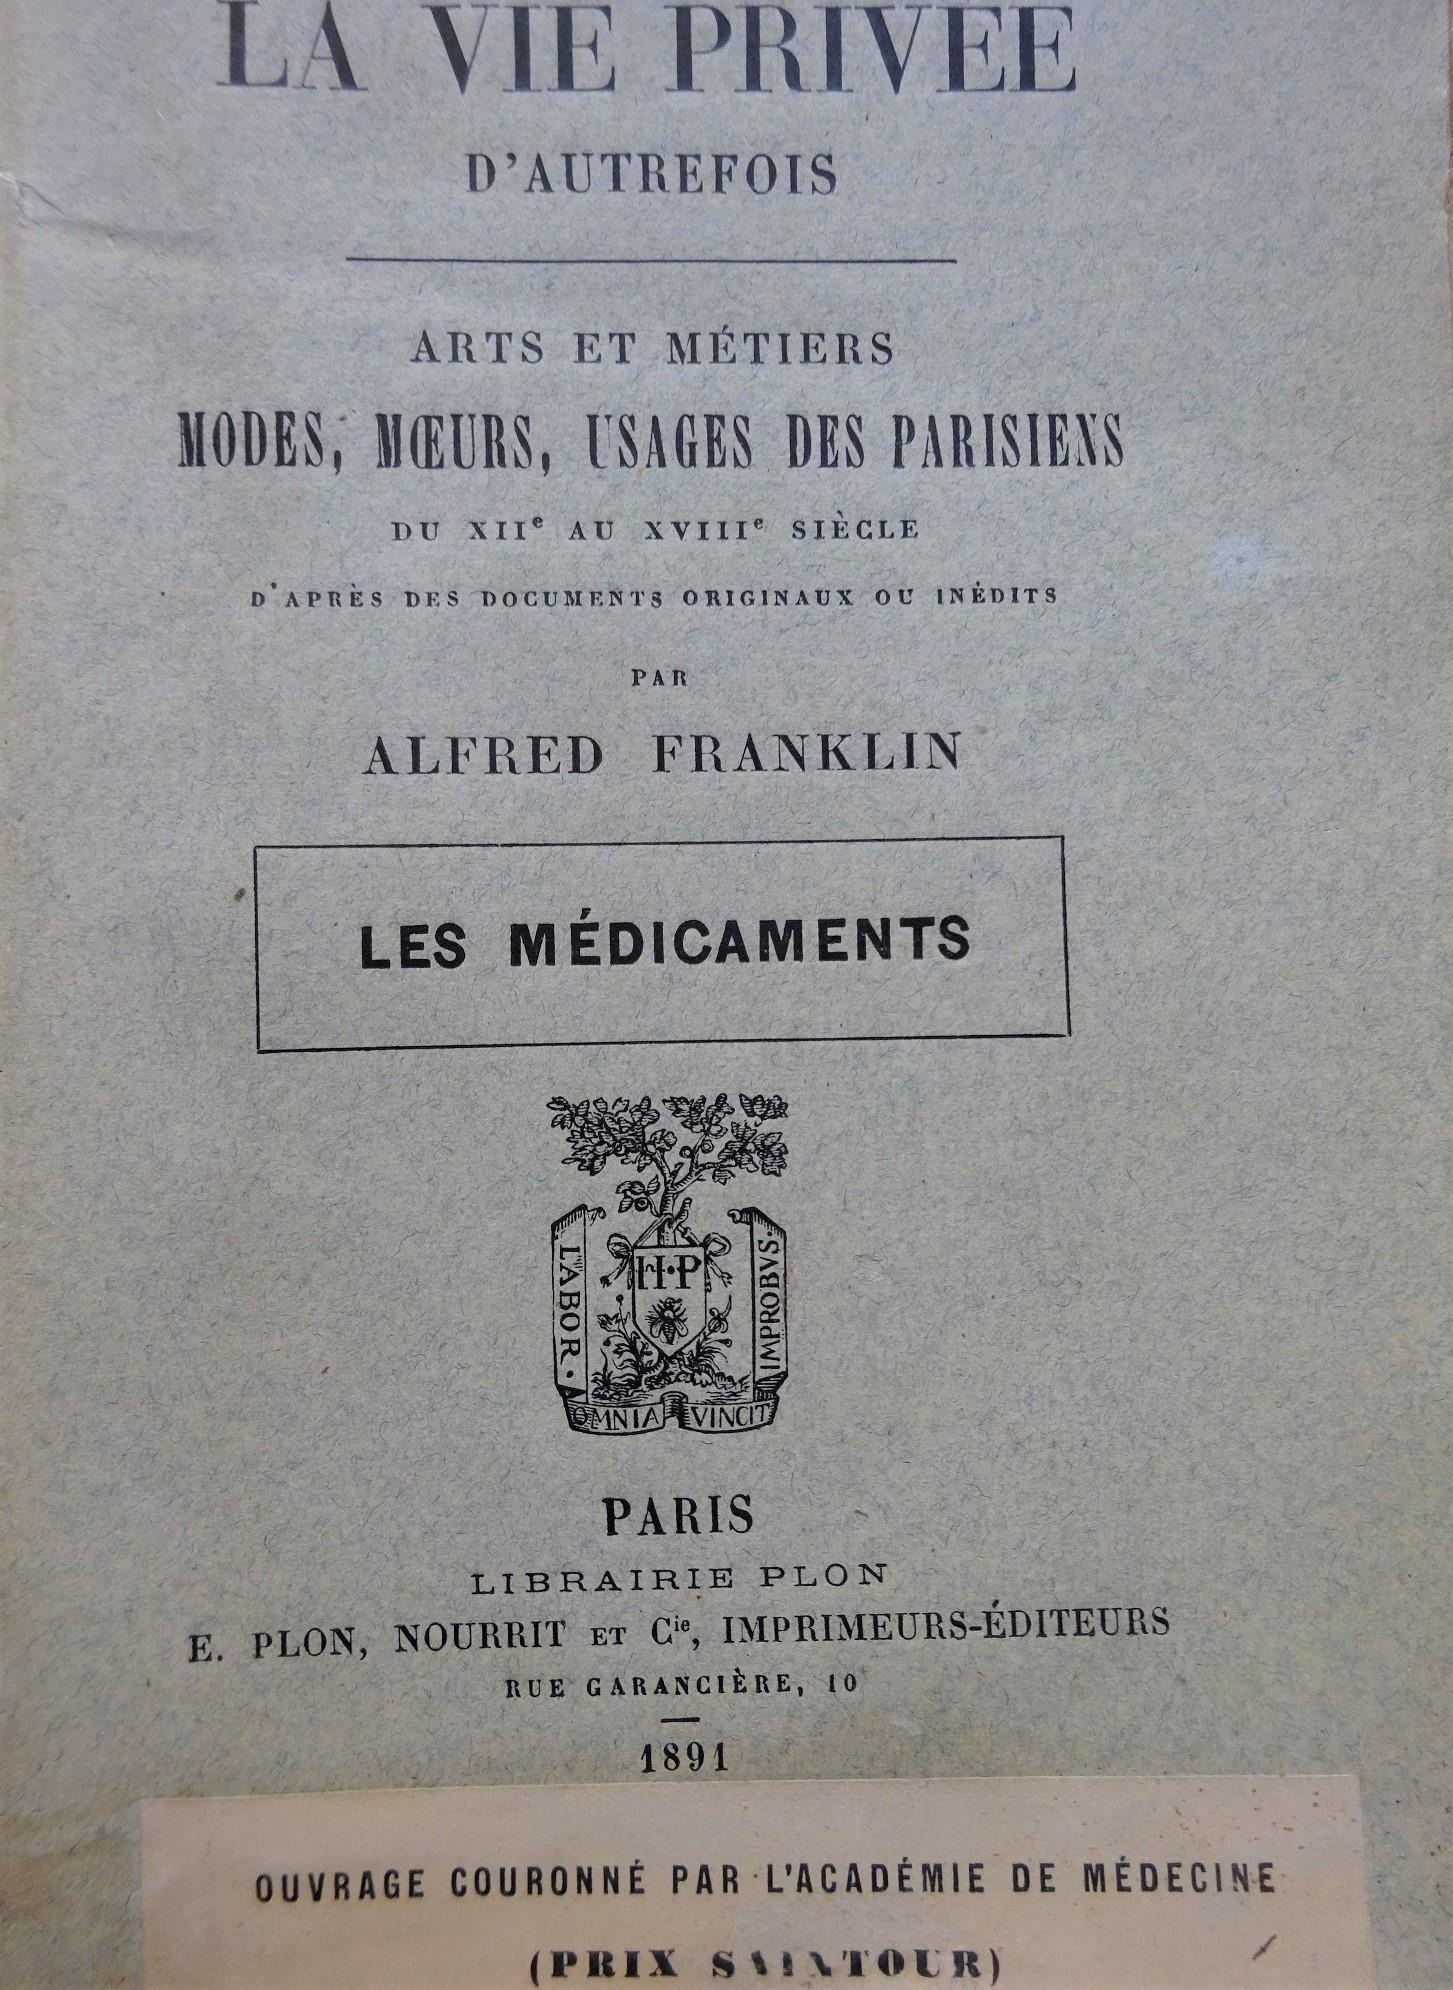 La vie privée d'autrefois du XIIe au XVIIIe Les médicaments